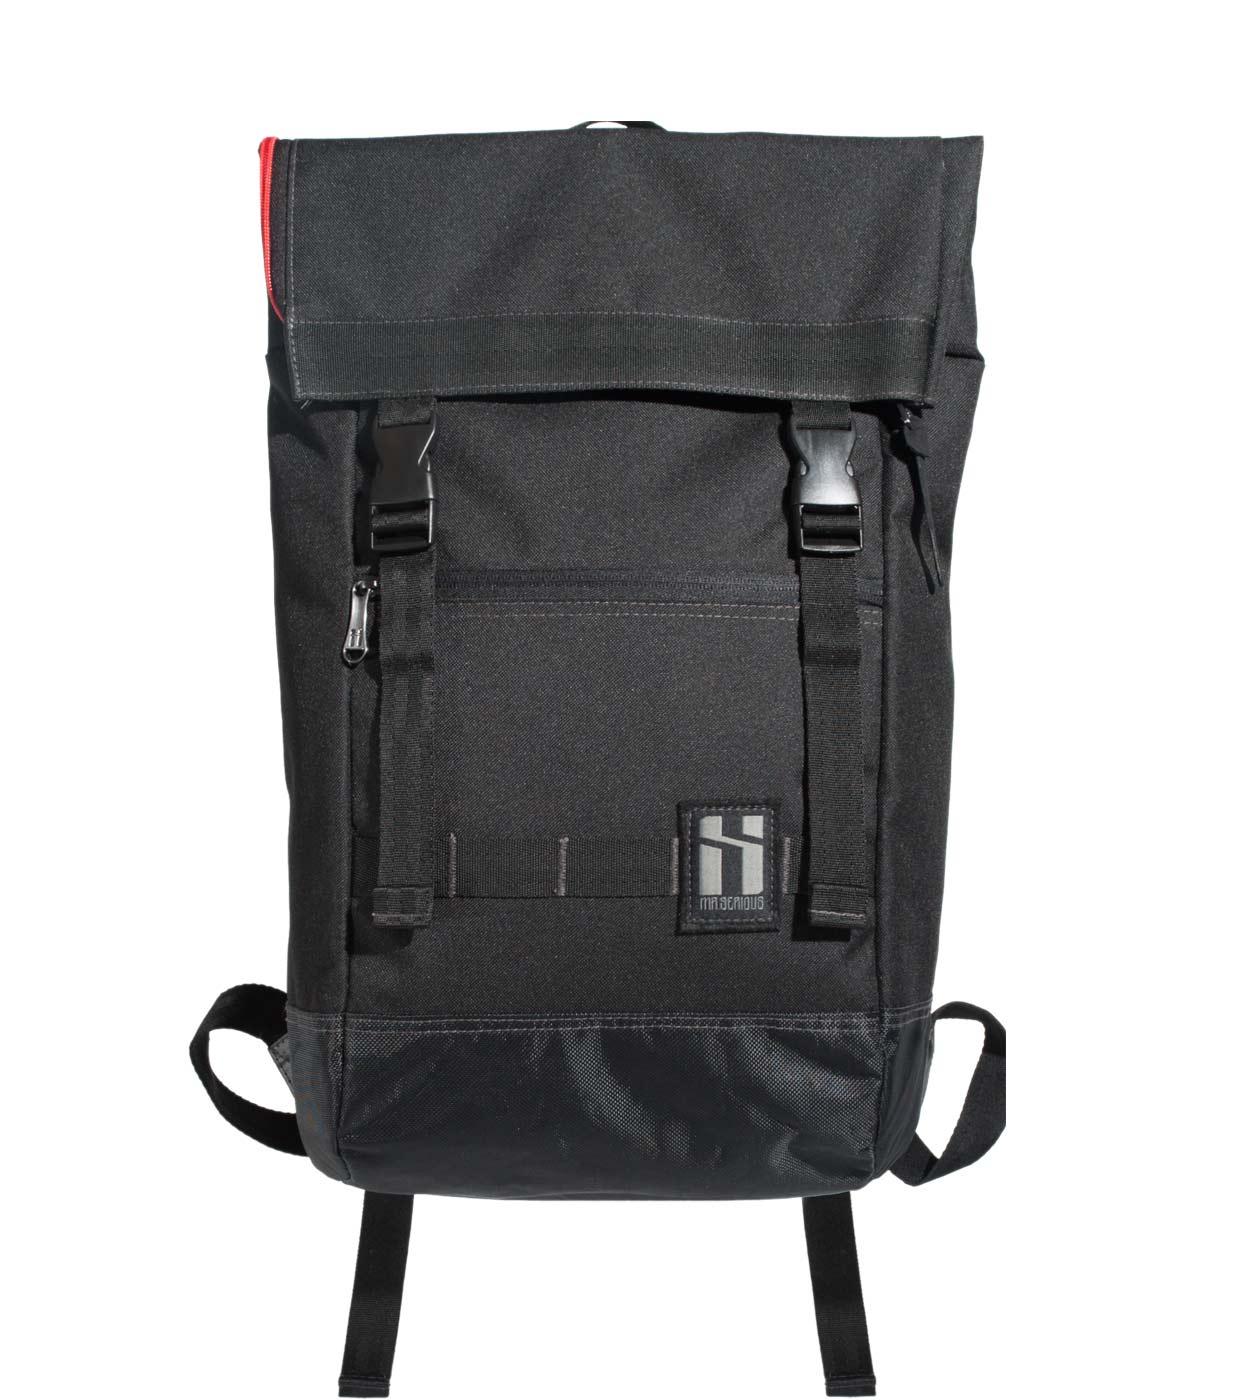 30a42b91bb converse go backpack black 39443 more photos 4e9ae 9f82d ...